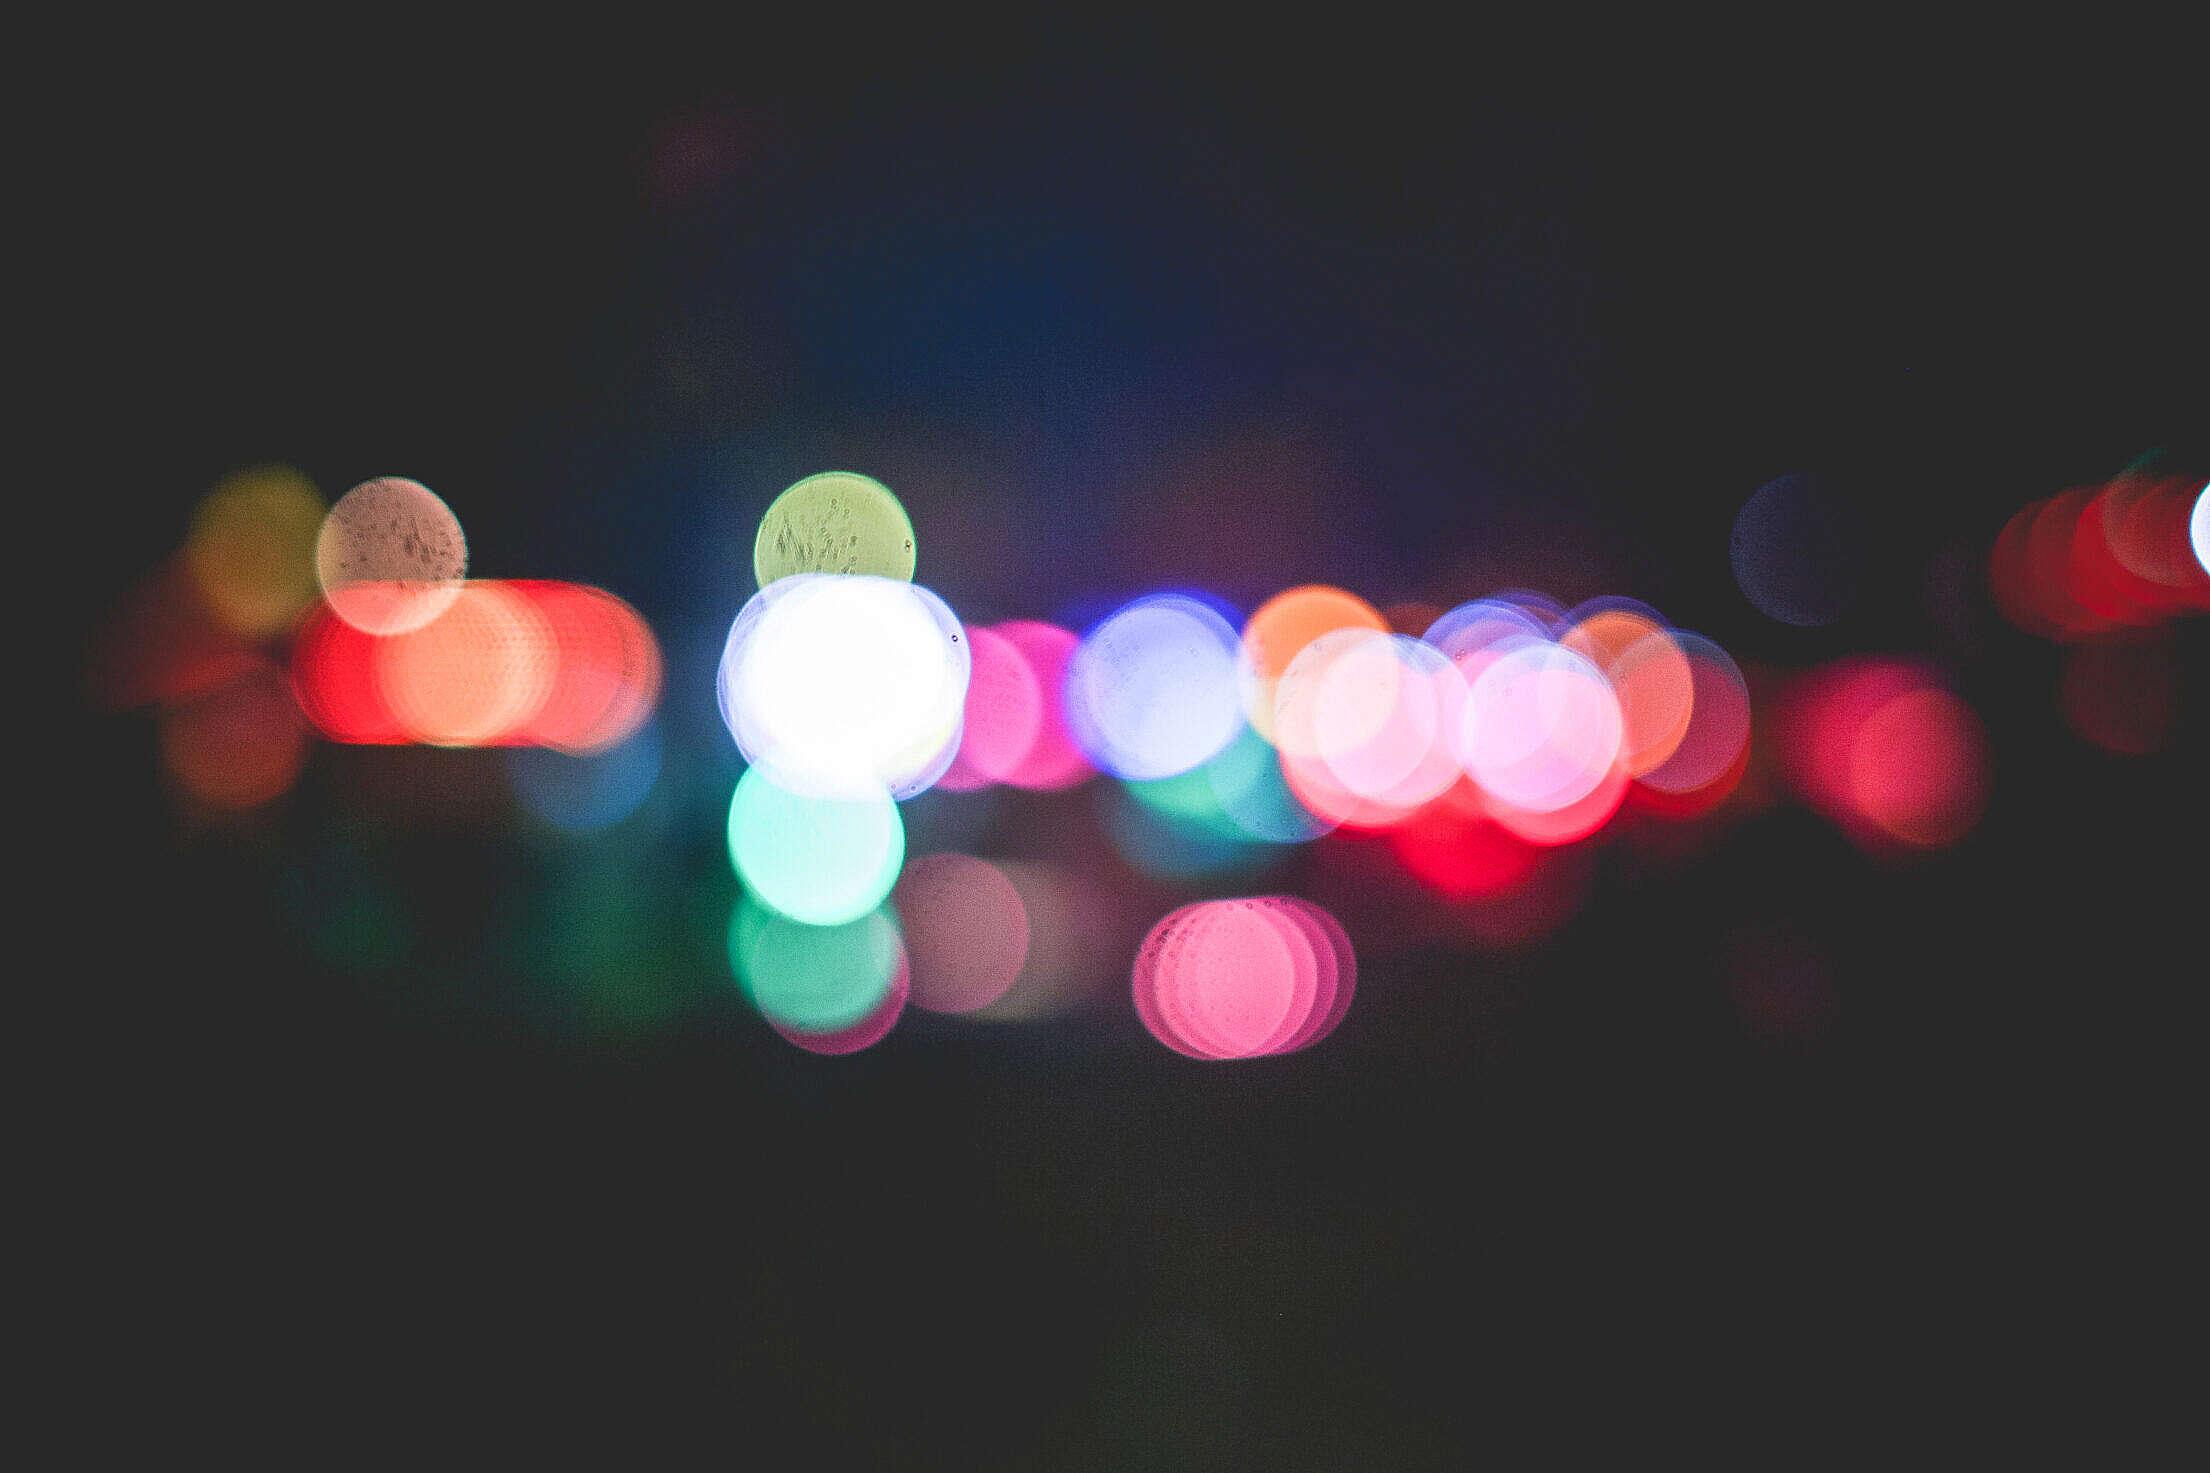 Colorful Funfair Bokeh Free Stock Photo